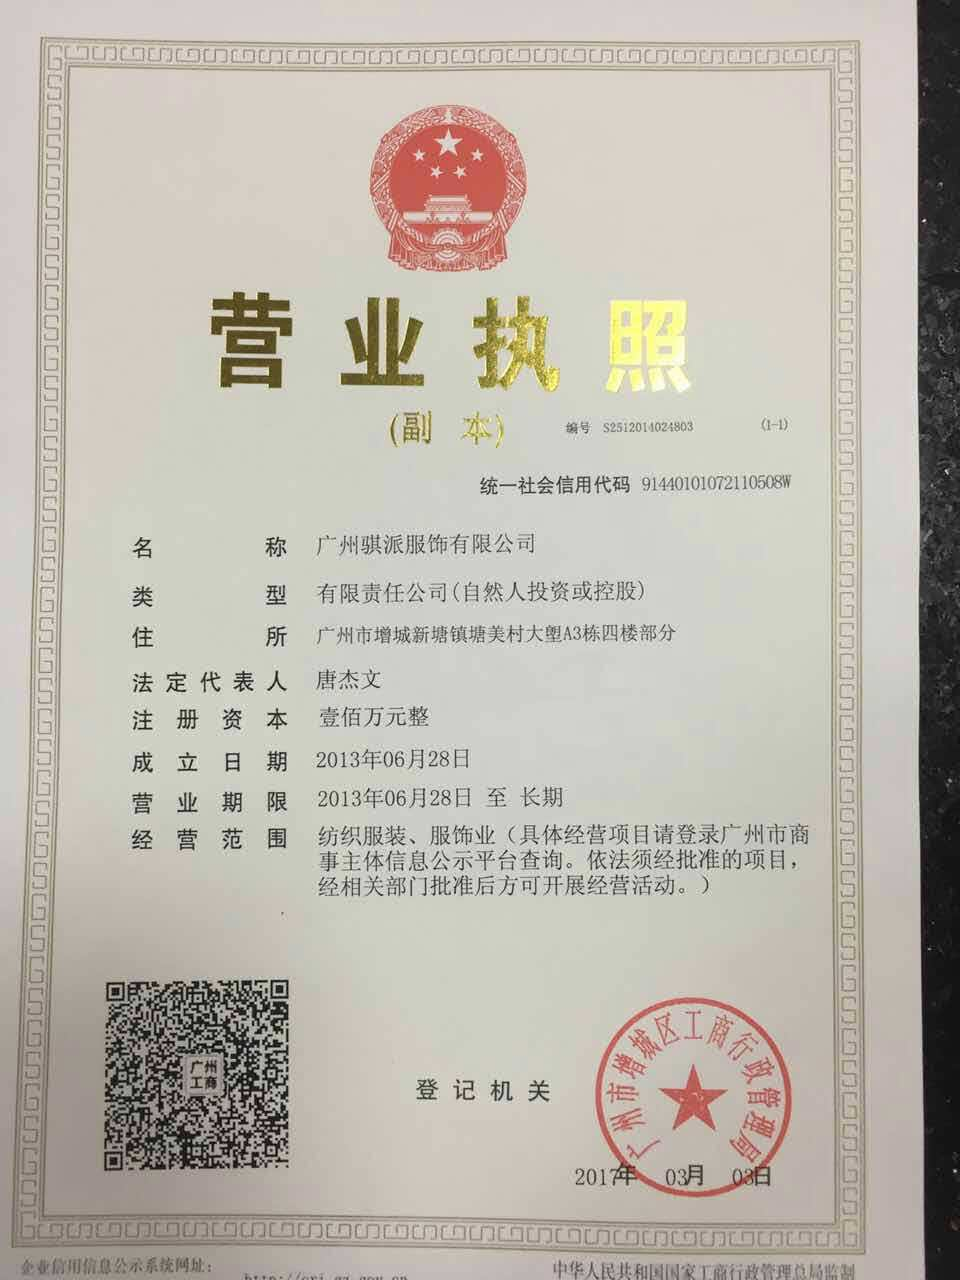 广州骐派服饰有限公司企业档案